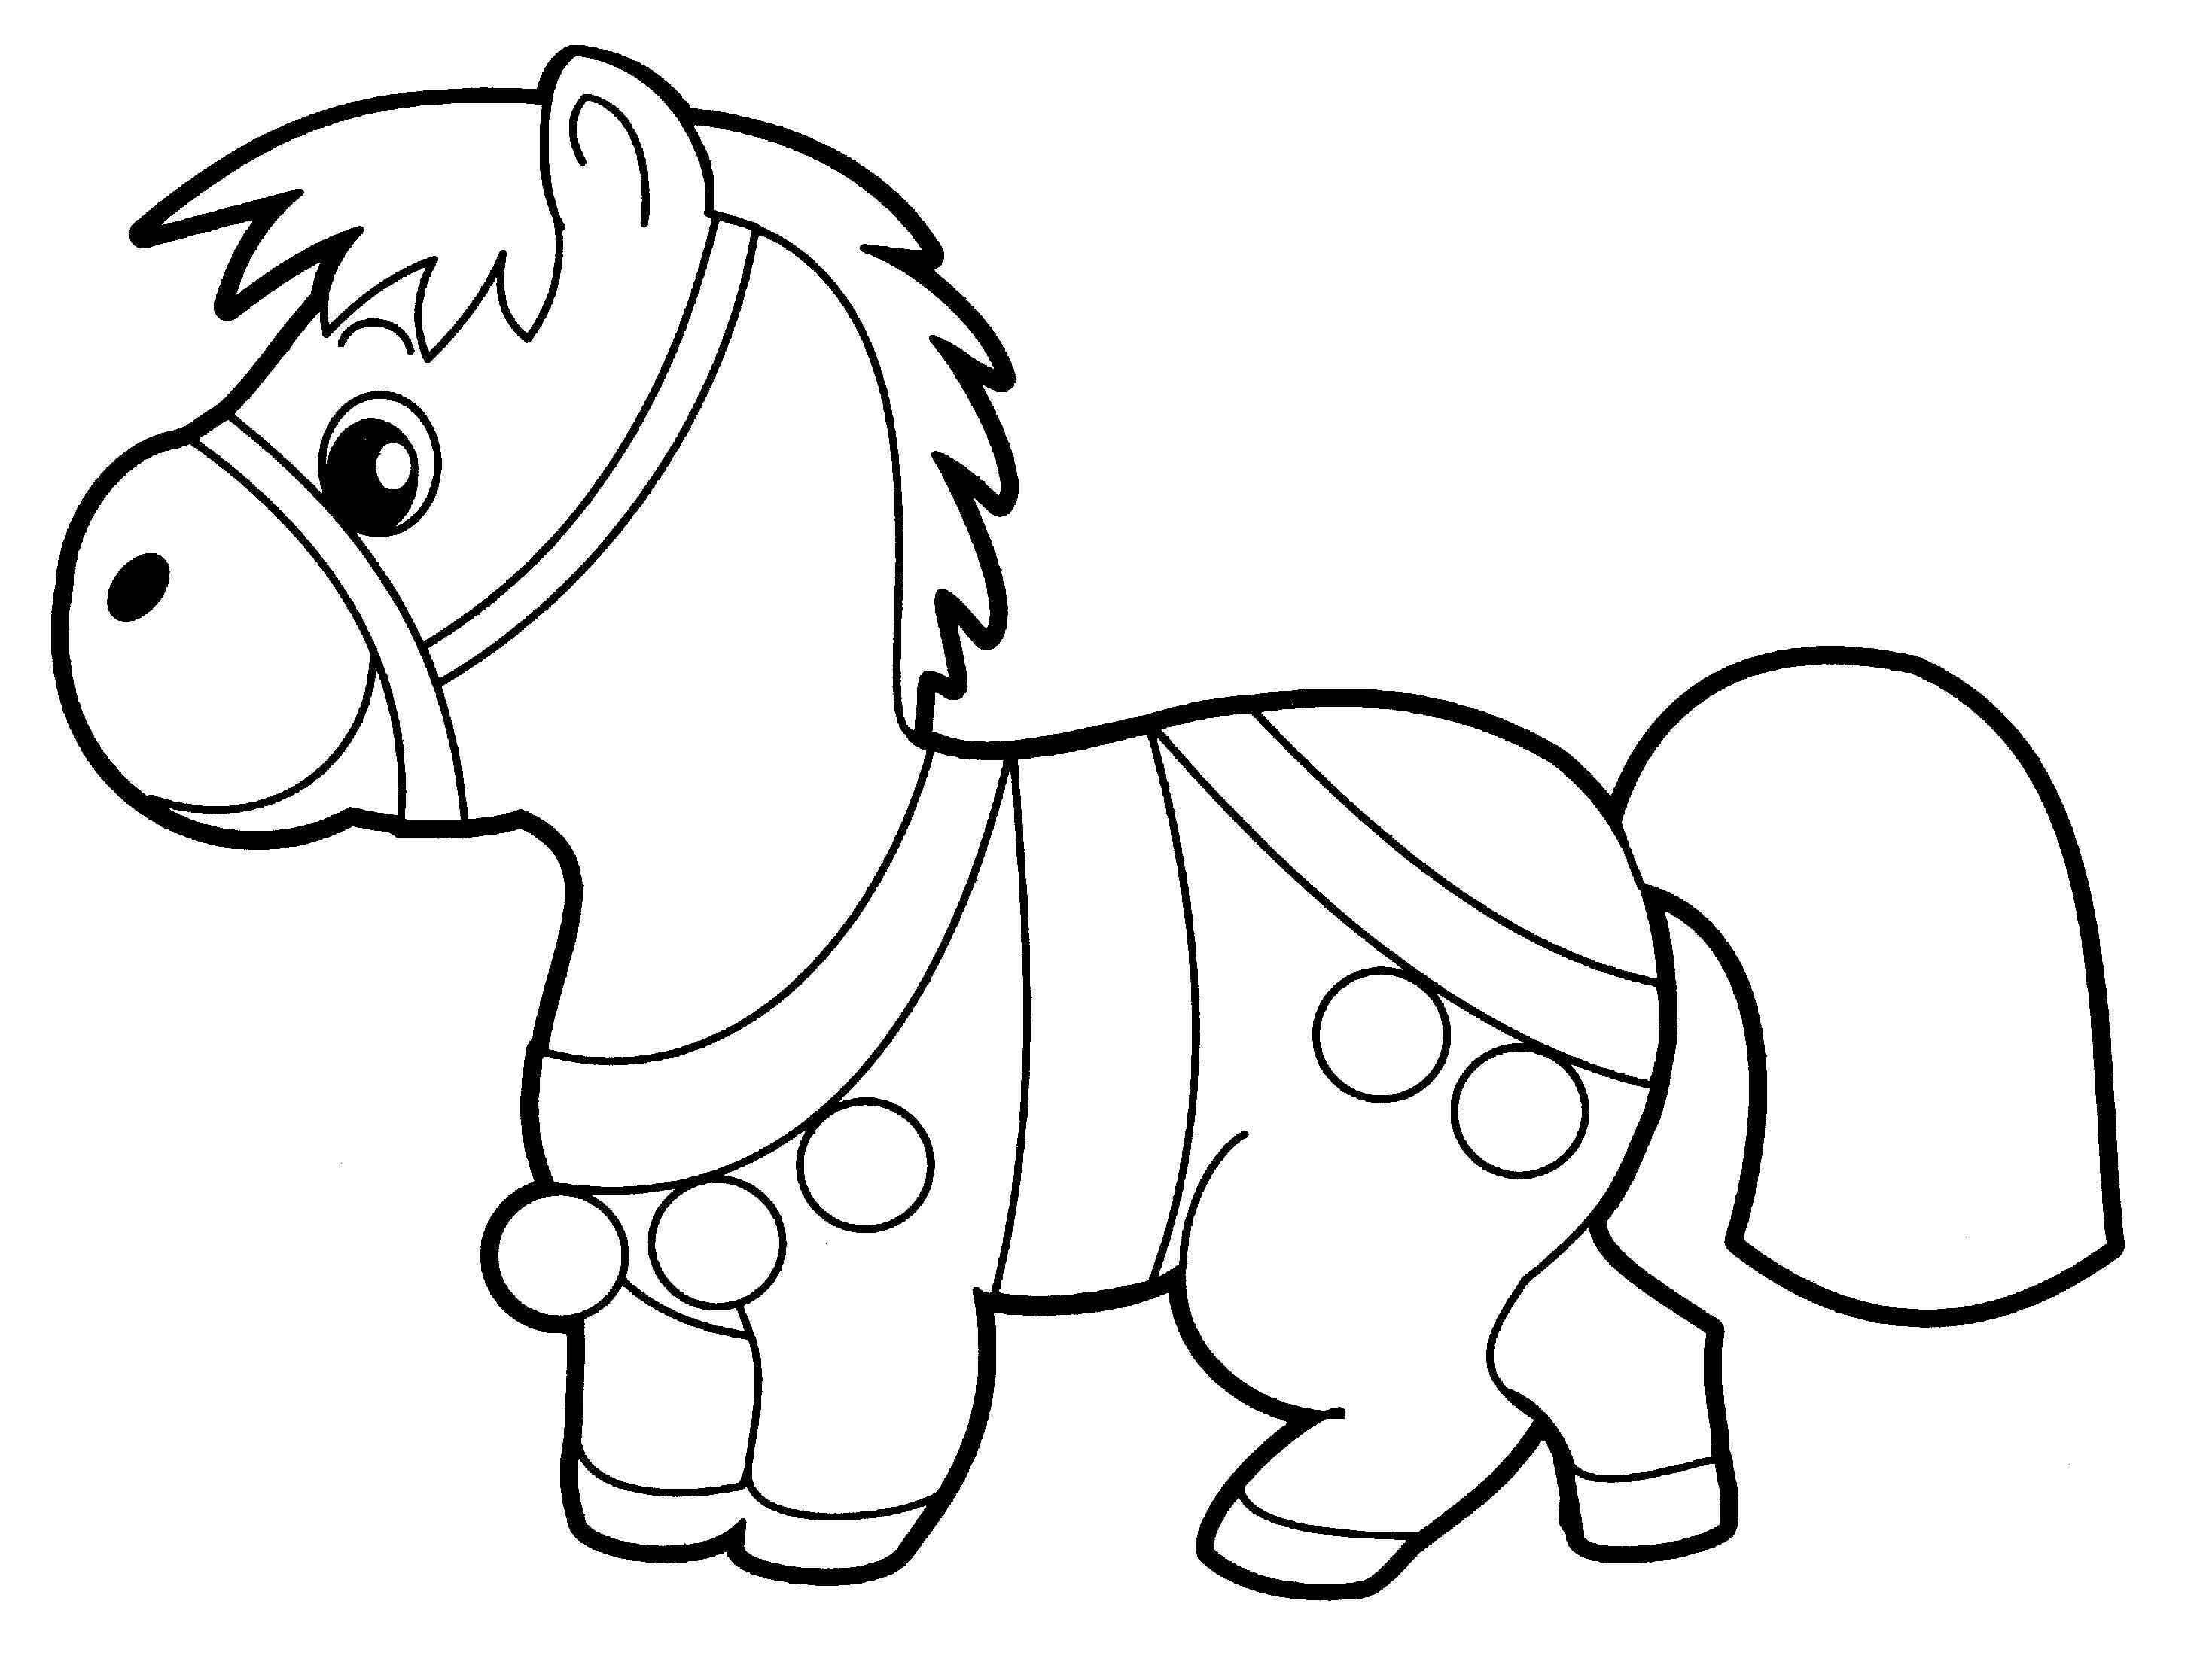 Раскраски распечатать лошадка